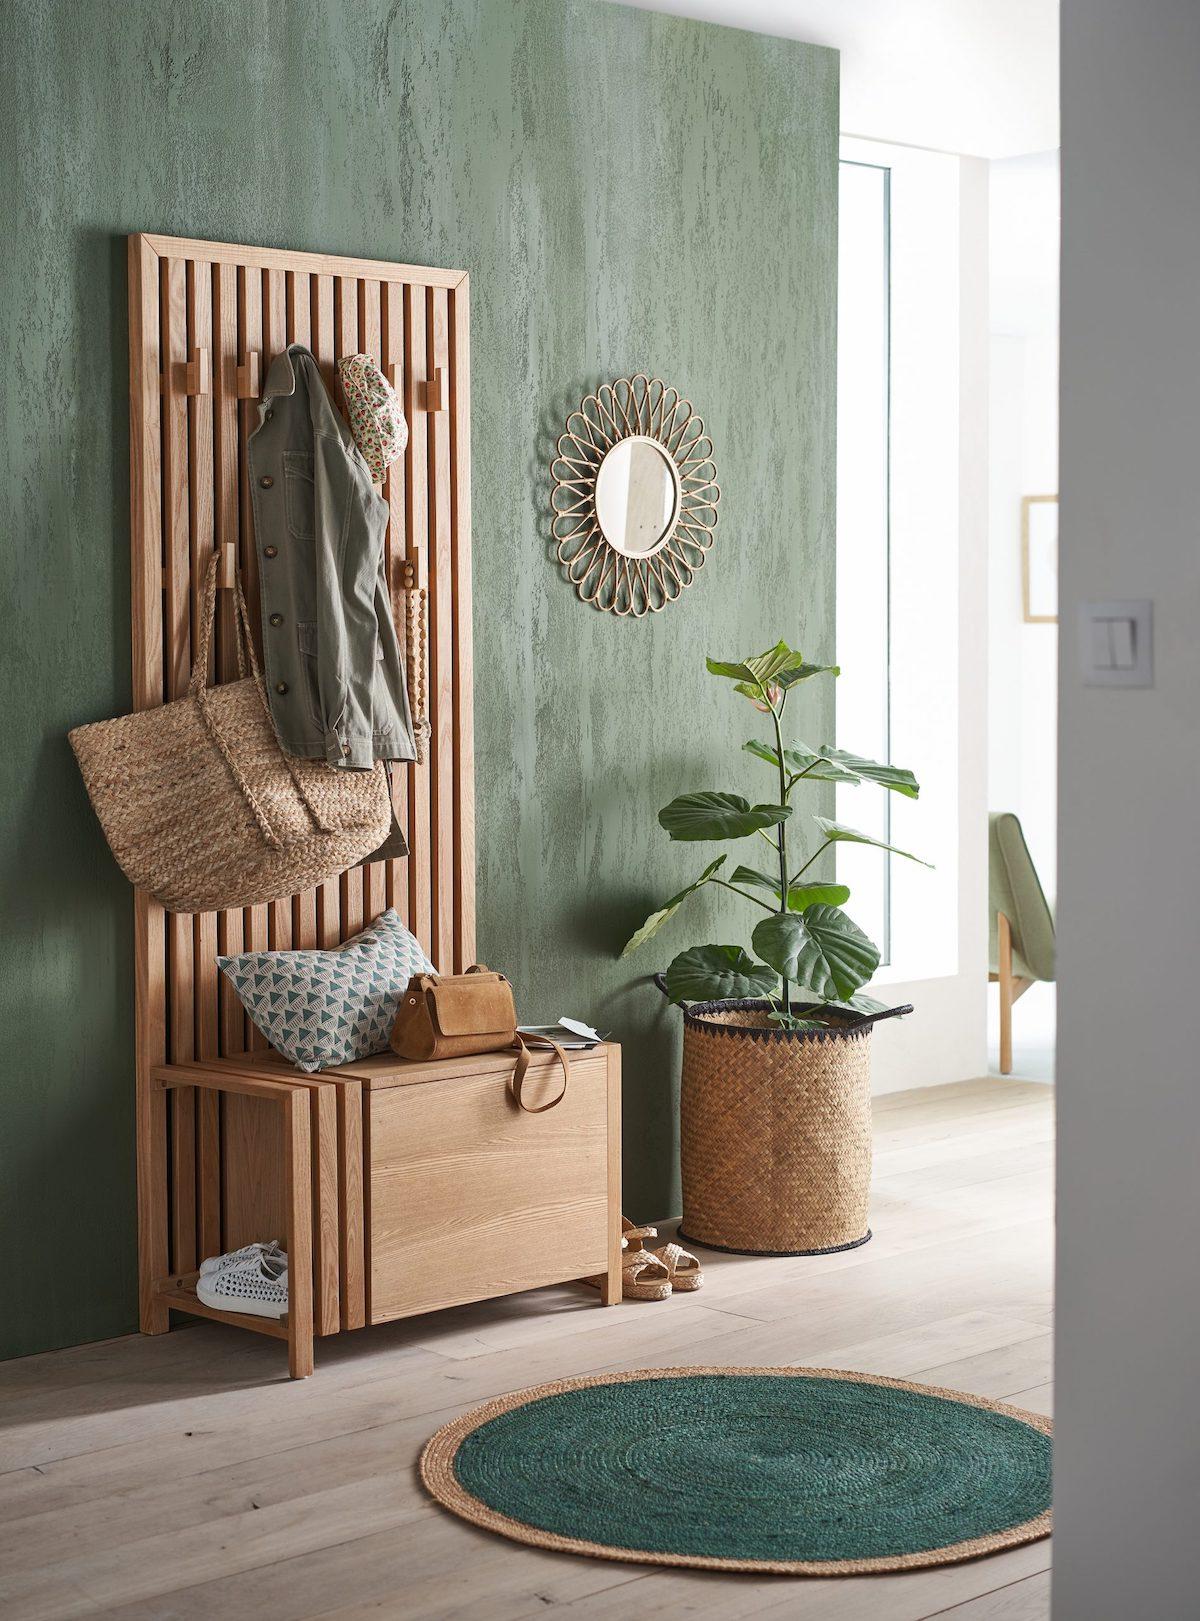 nouvelle collection La Redoute Intérieurs aménager petite entrée meuble coffre porte-manteau bois